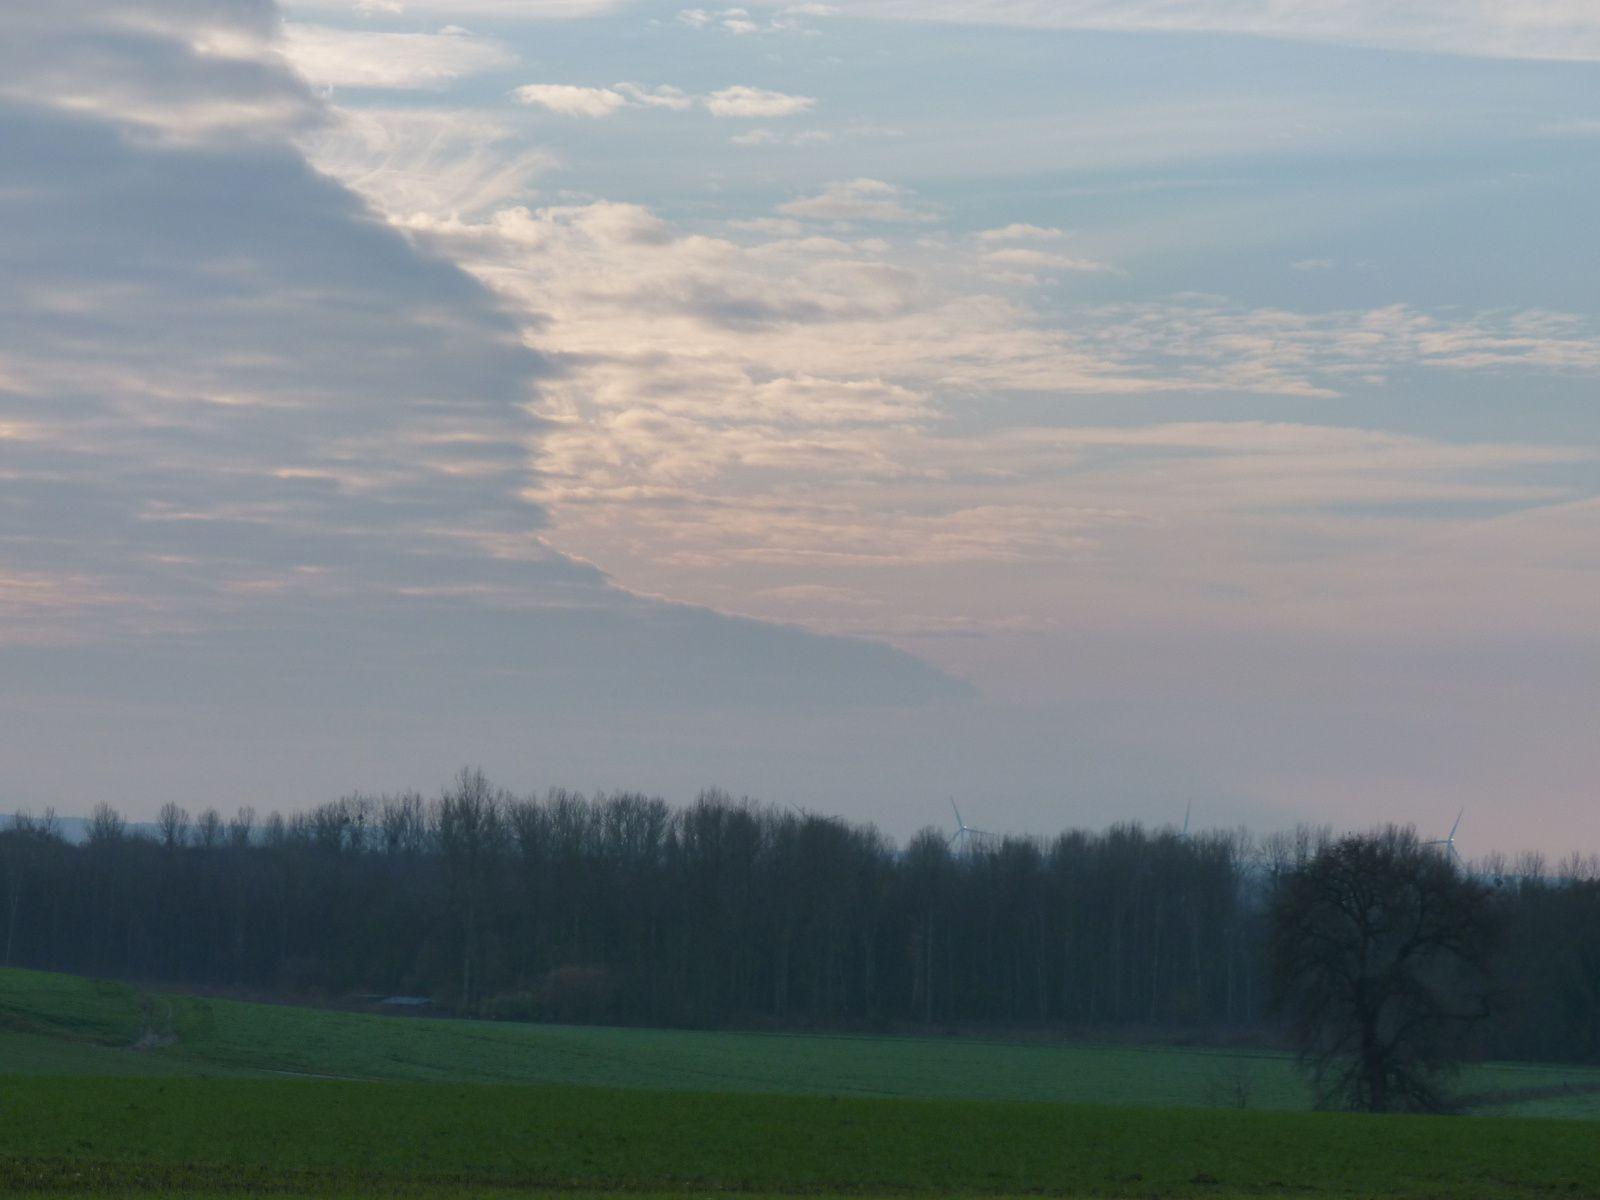 Photos prises sur la commune de Pithon (02) Aisne